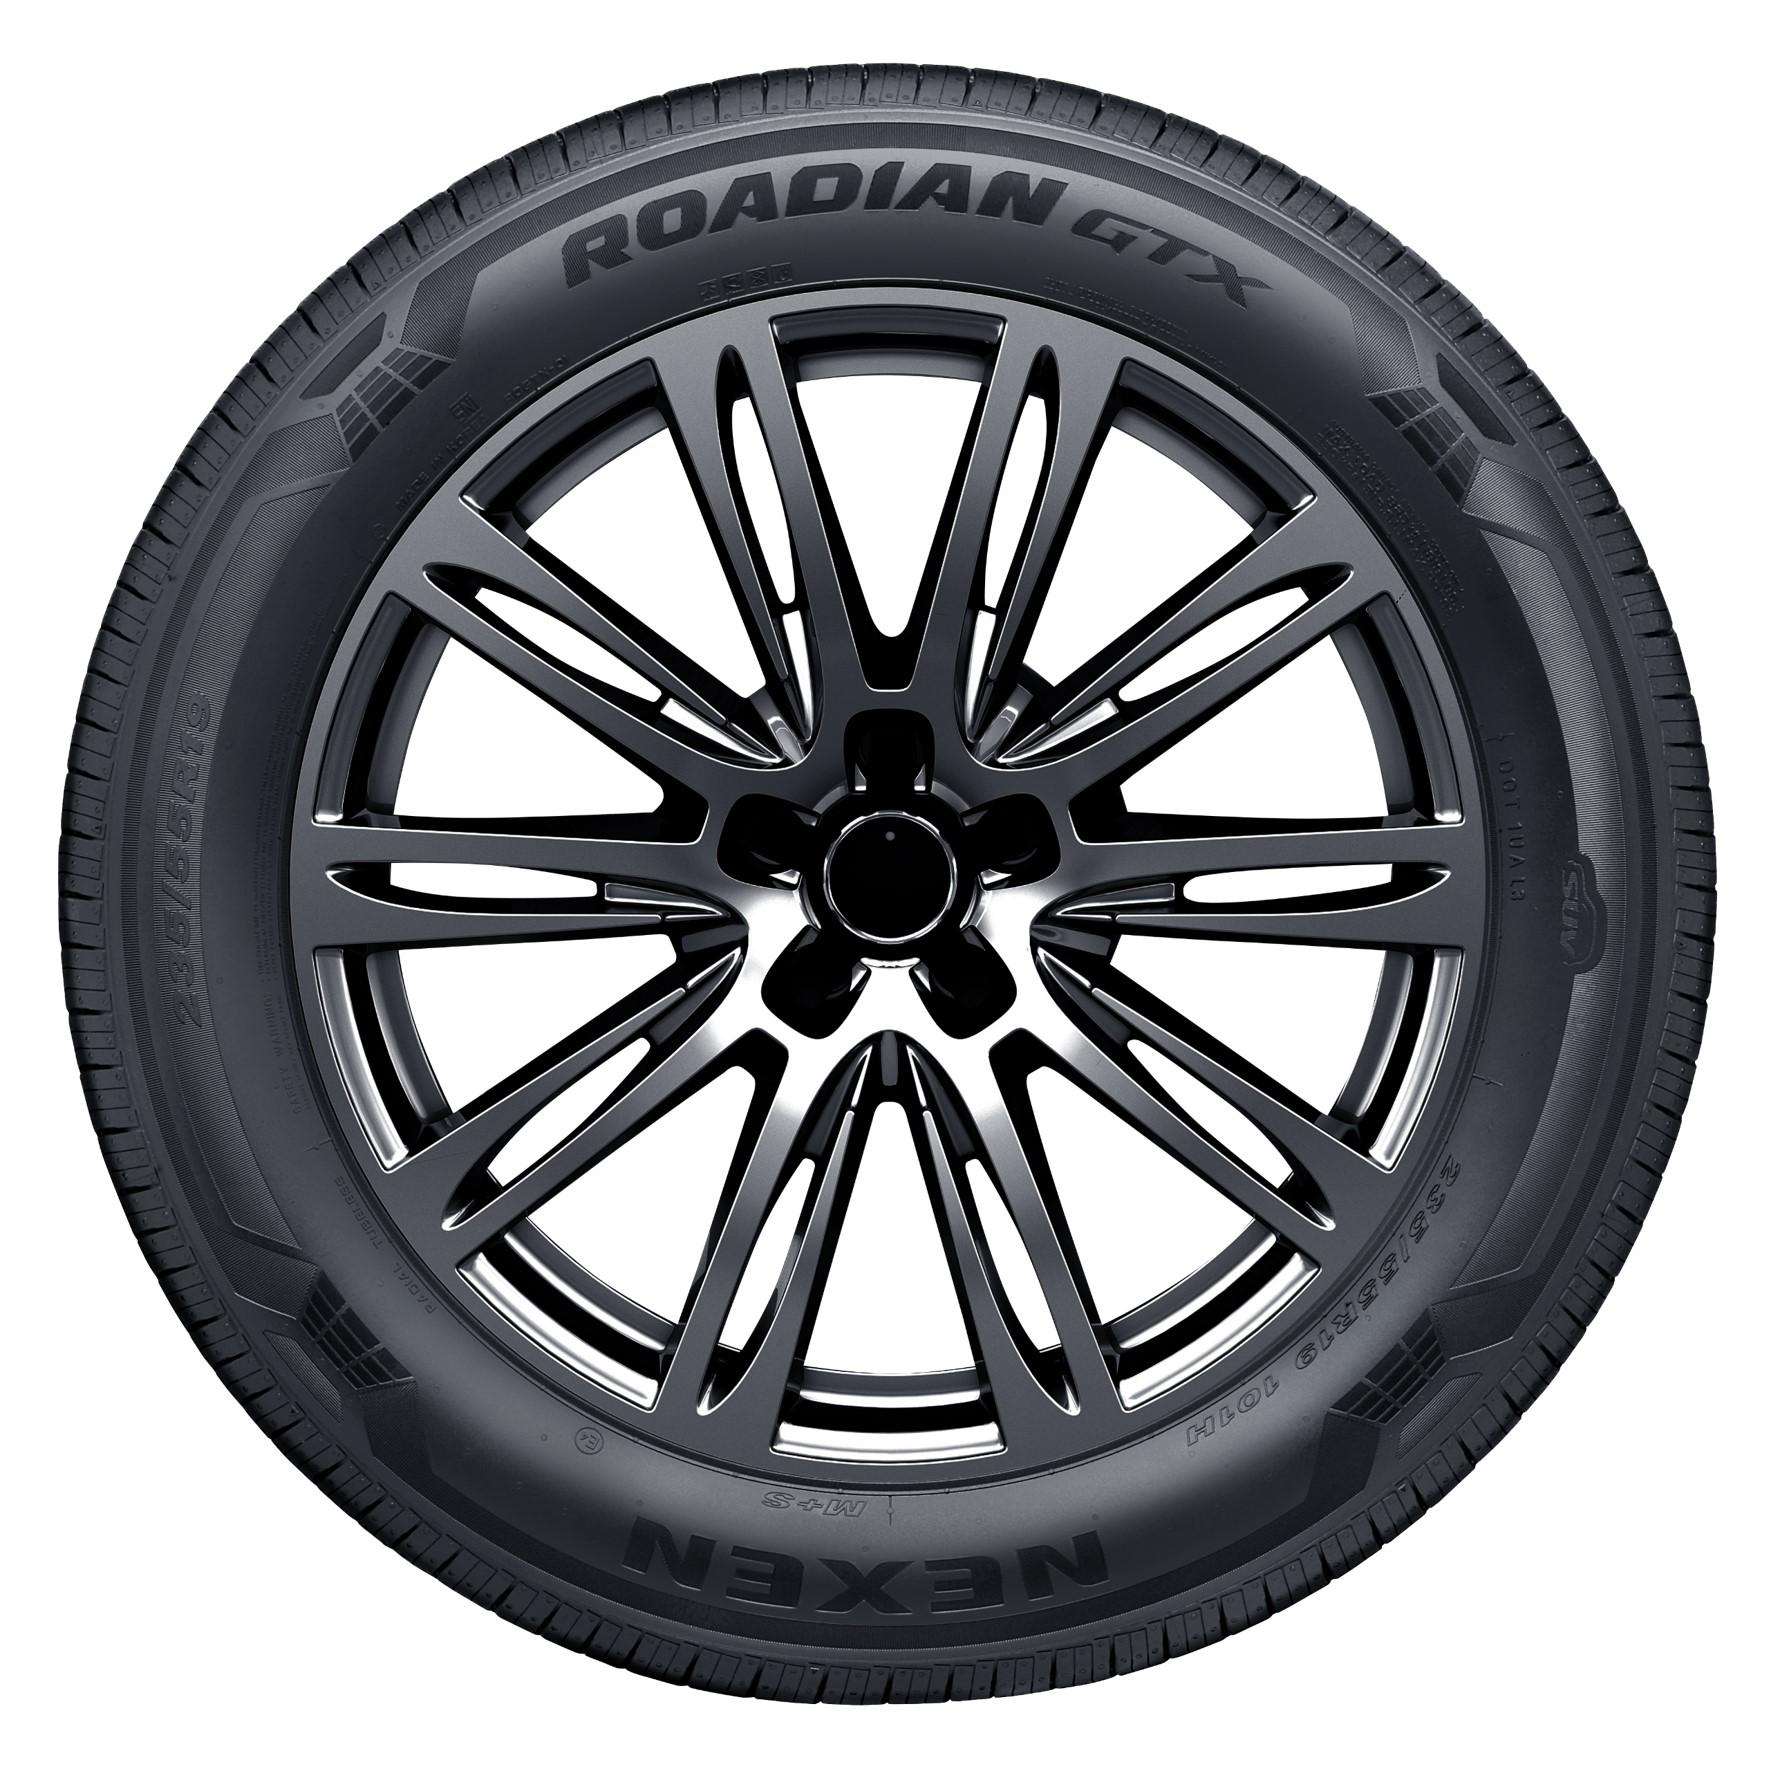 타이어 싸게 구매하는 법  인터넷구매, 배송 및 장착비 무료